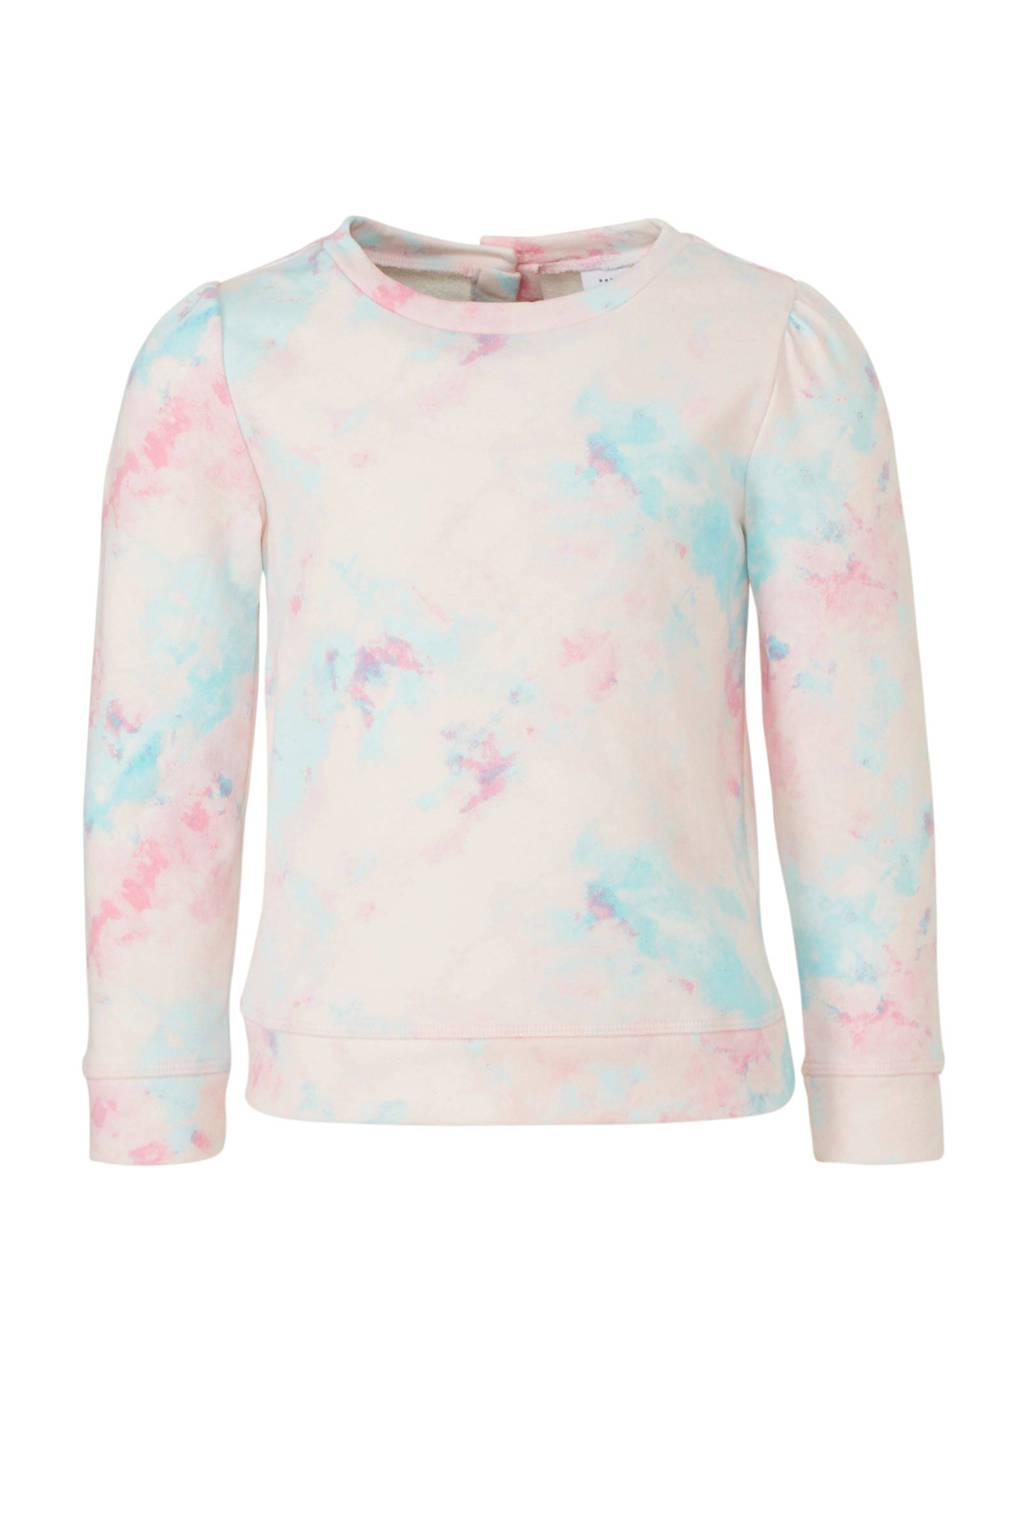 GAP baby tie-dye sweater lichtroze/blauw/roze, Lichtroze/blauw/roze